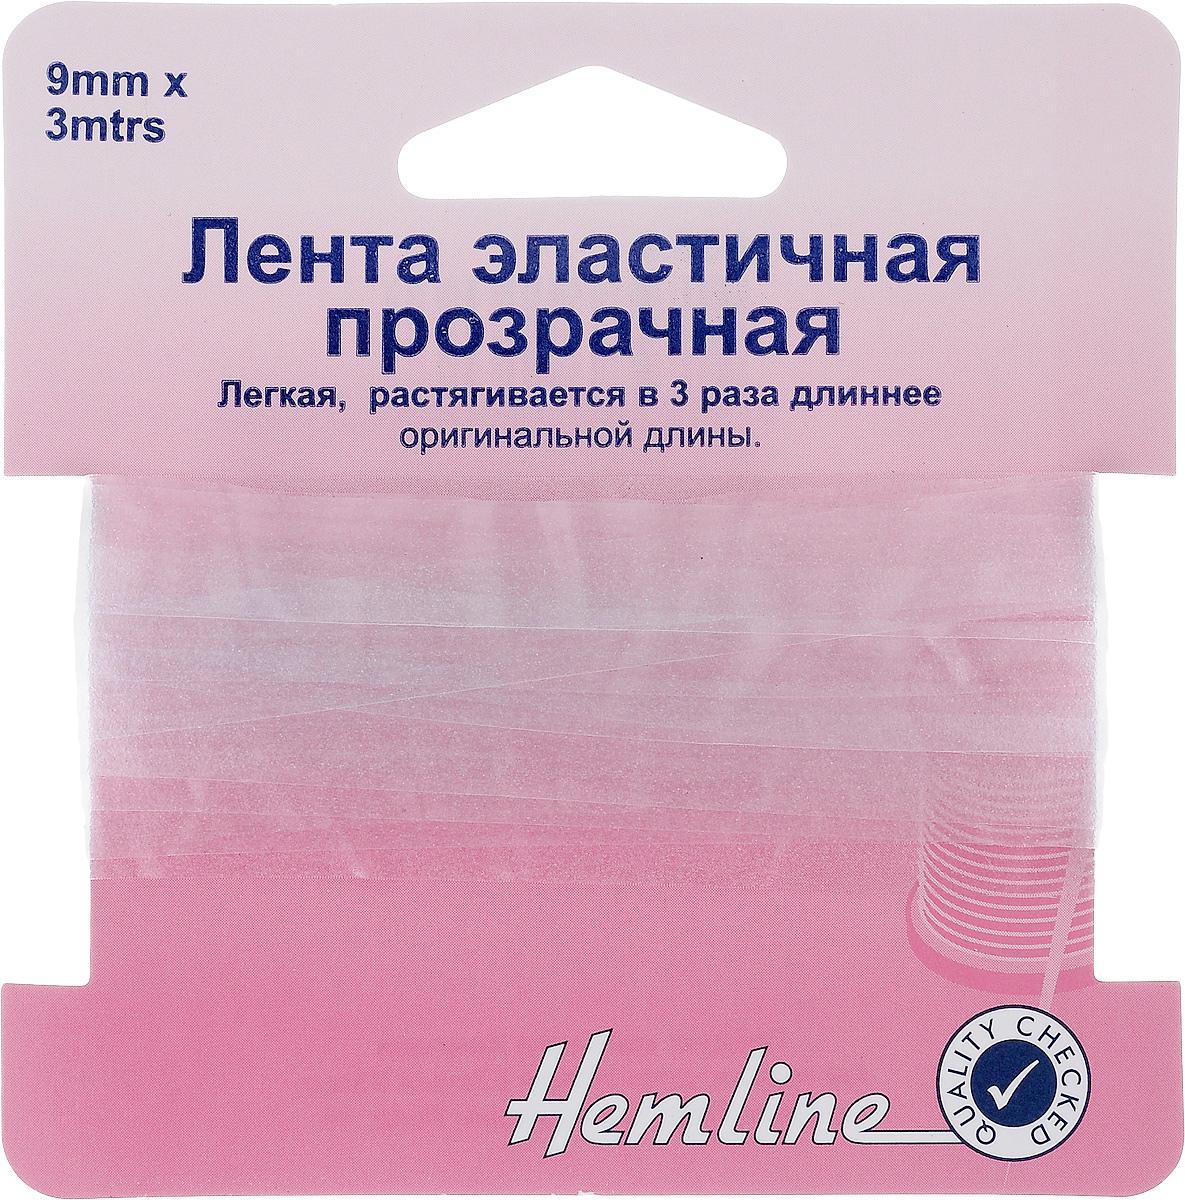 Лента эластичная прозрачная Hemline, 0,9 х 300 см686.9Прозрачная эластичная лента Hemline, изготовленная из силикона, растягивается в три раза длиннее оригинальной длины. Может использоваться вместо обычной резинки для пристрачивания и образования сборок на прозрачных и тонких тканях.